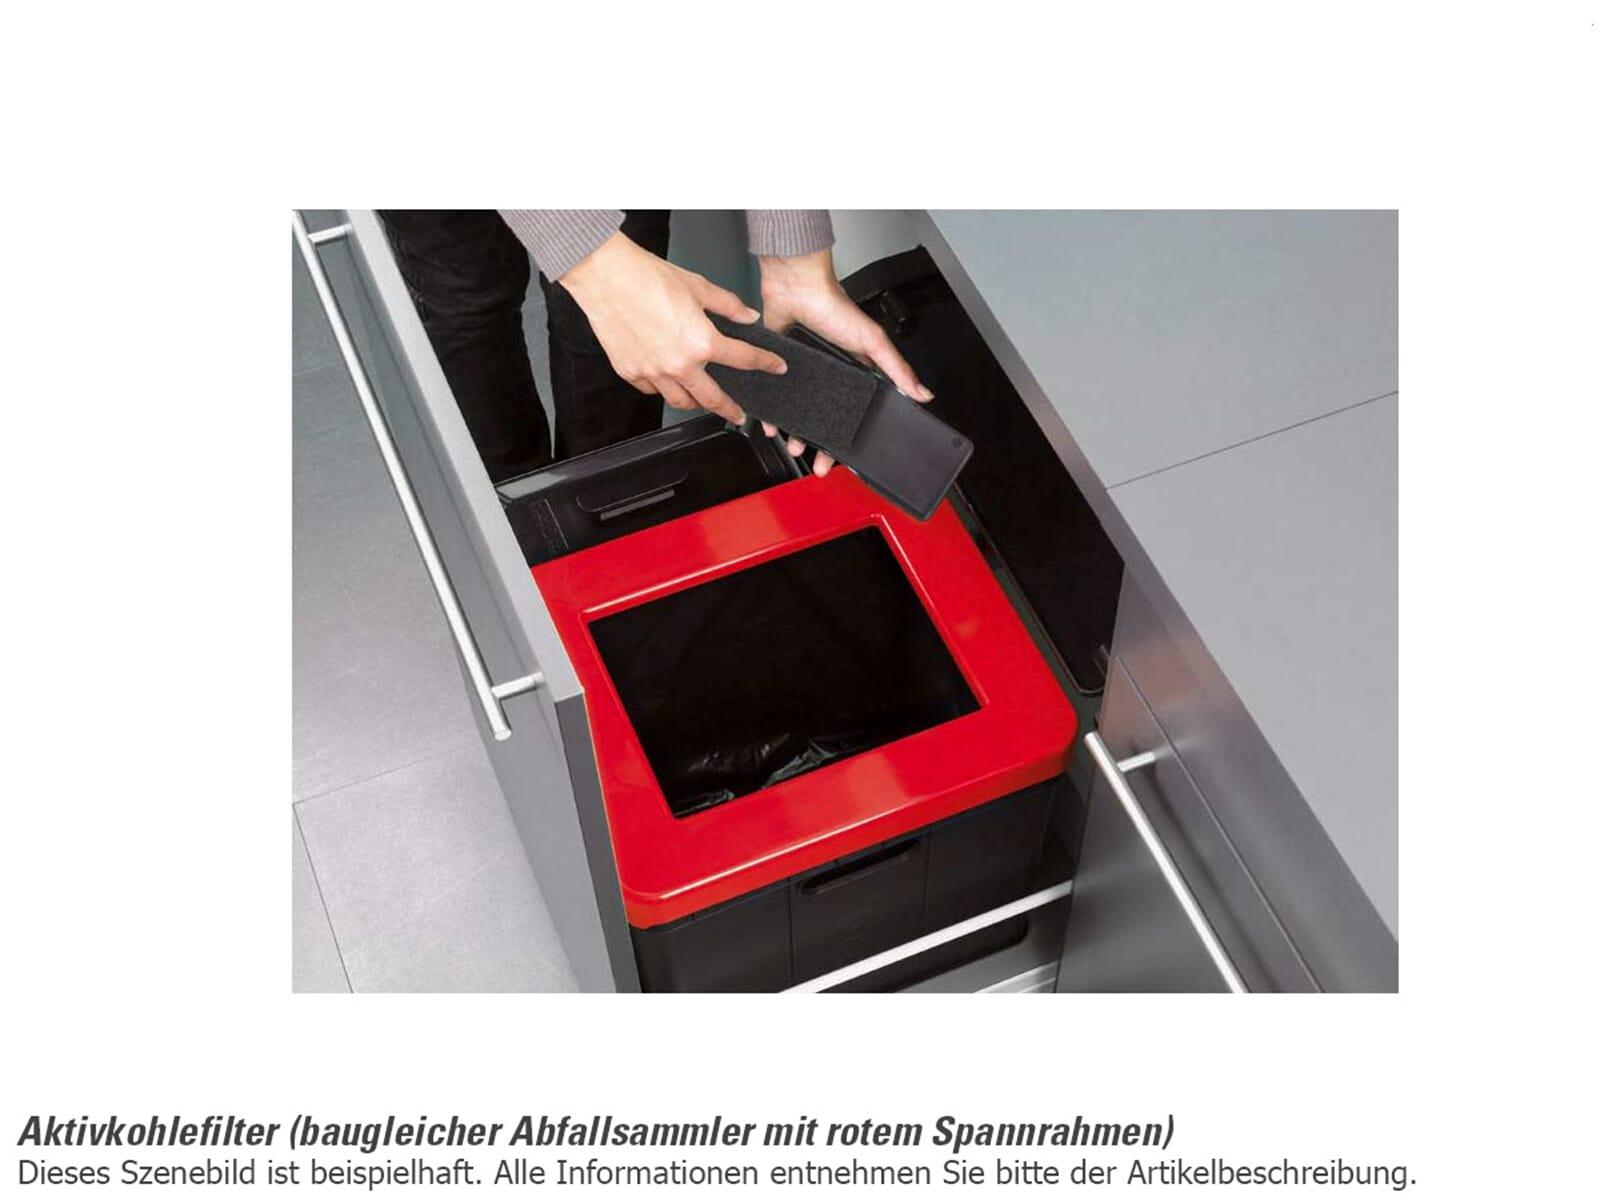 Franke Composta 60 - Serie Sorter 350 Abfallsammler / Trennsystem